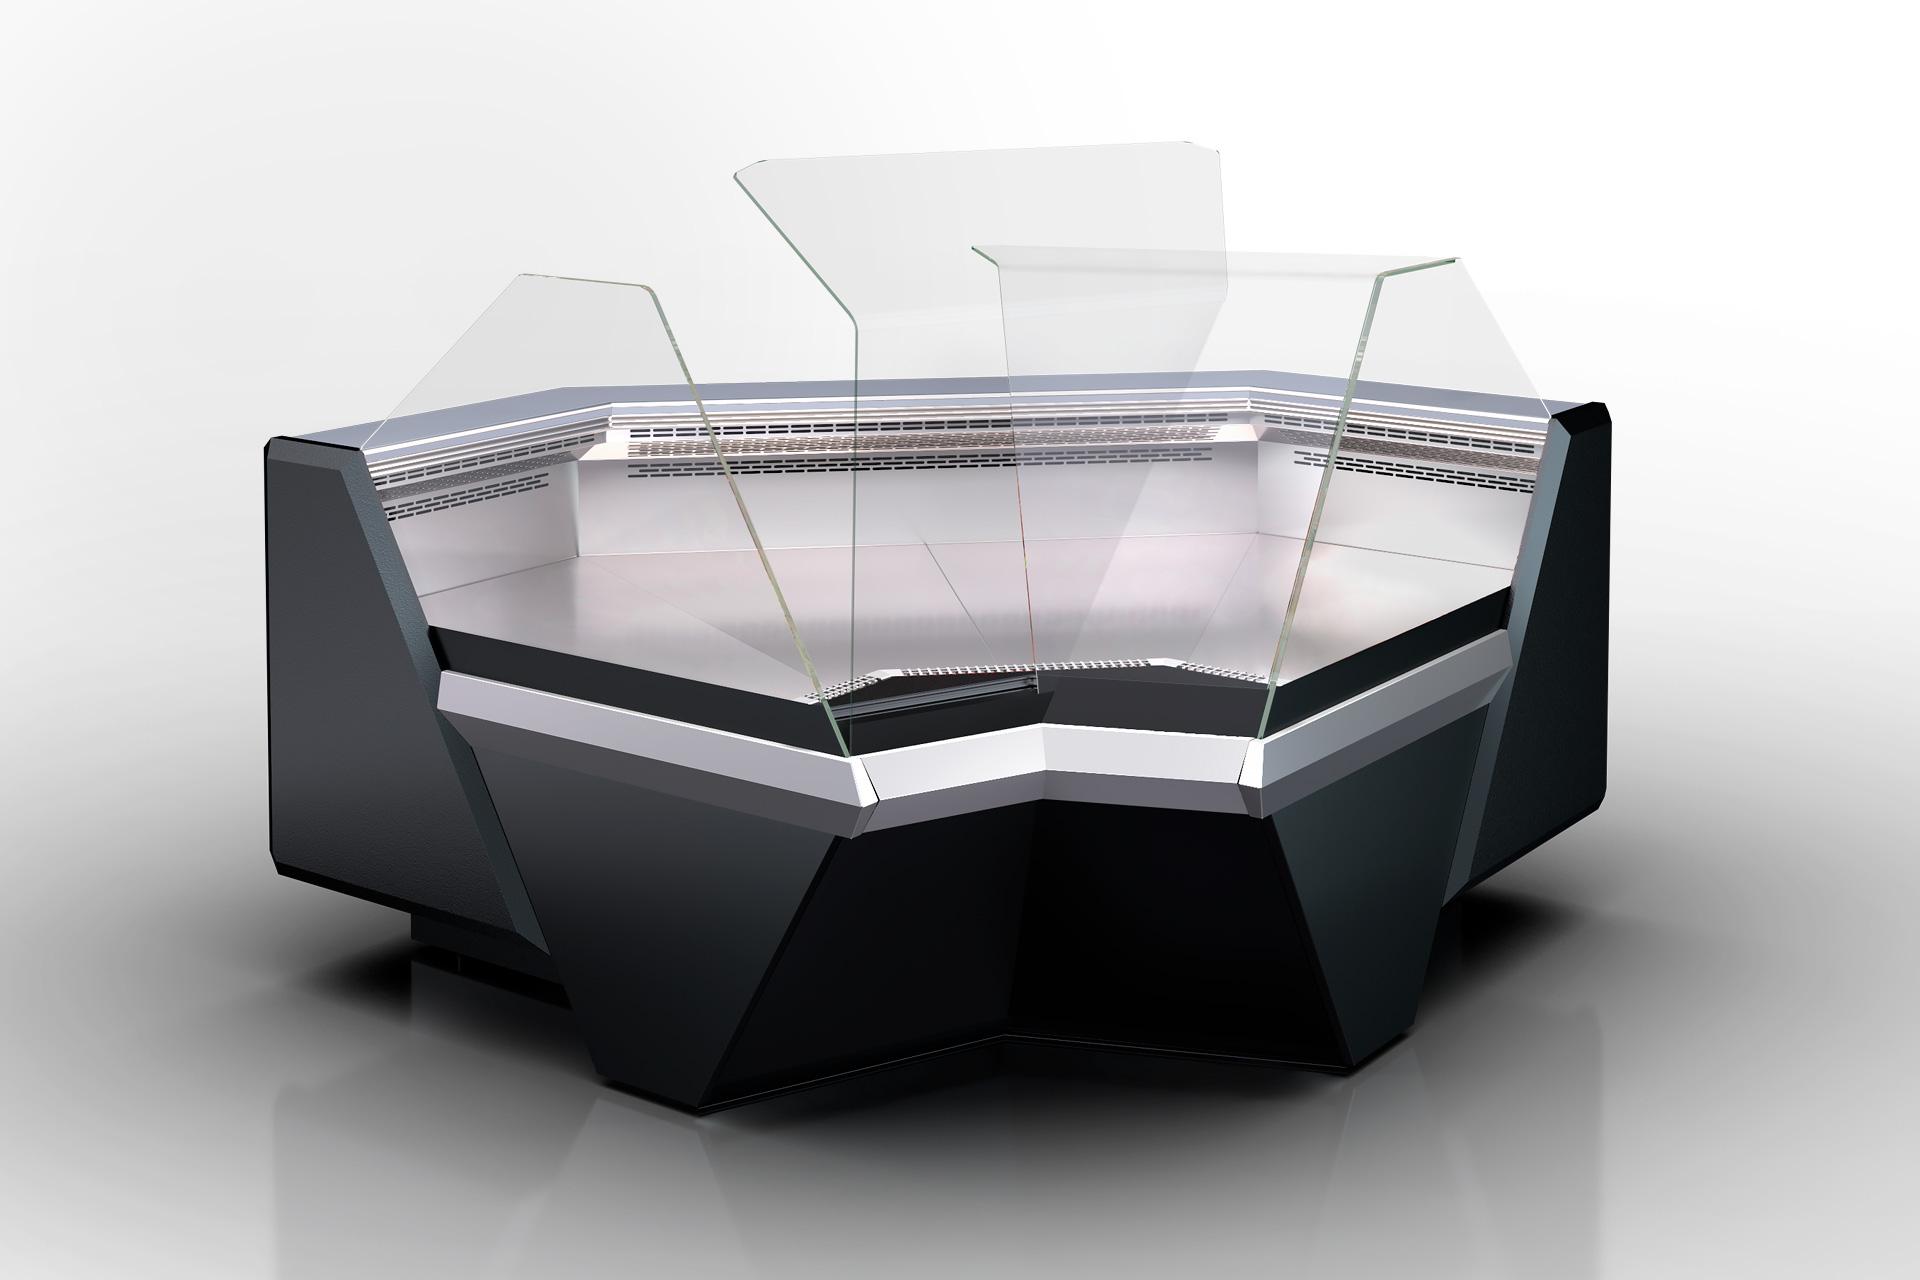 Кутовий елемент холодильної вітрини Missouri enigma MK 120 deli OS 120-DBM-IS90